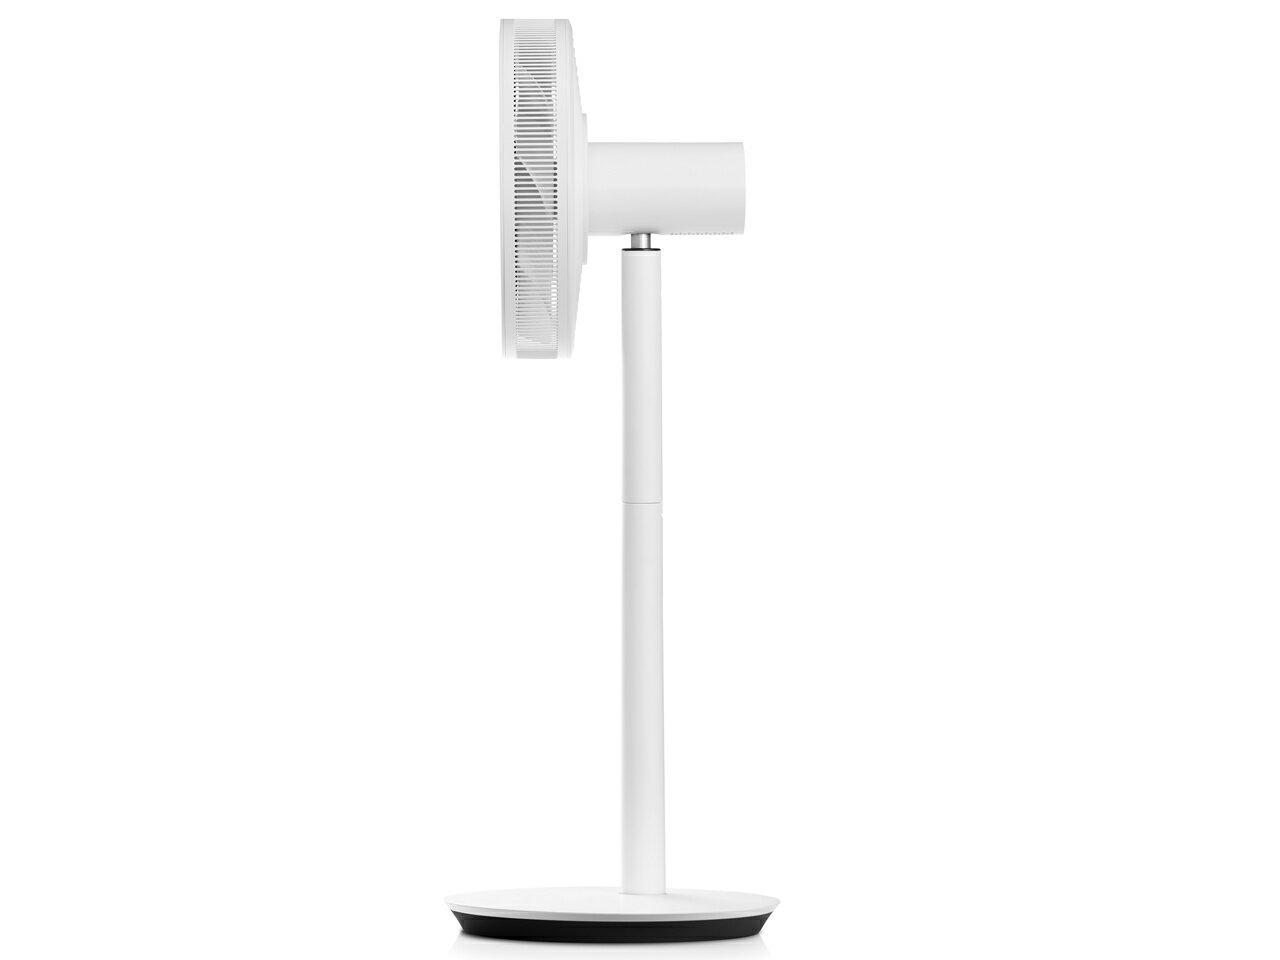 バルミューダ省エネ静音リビング扇風機TheGreenFan(グリーンファン)|EGF-1600-WK(ホワイト×ブラック)